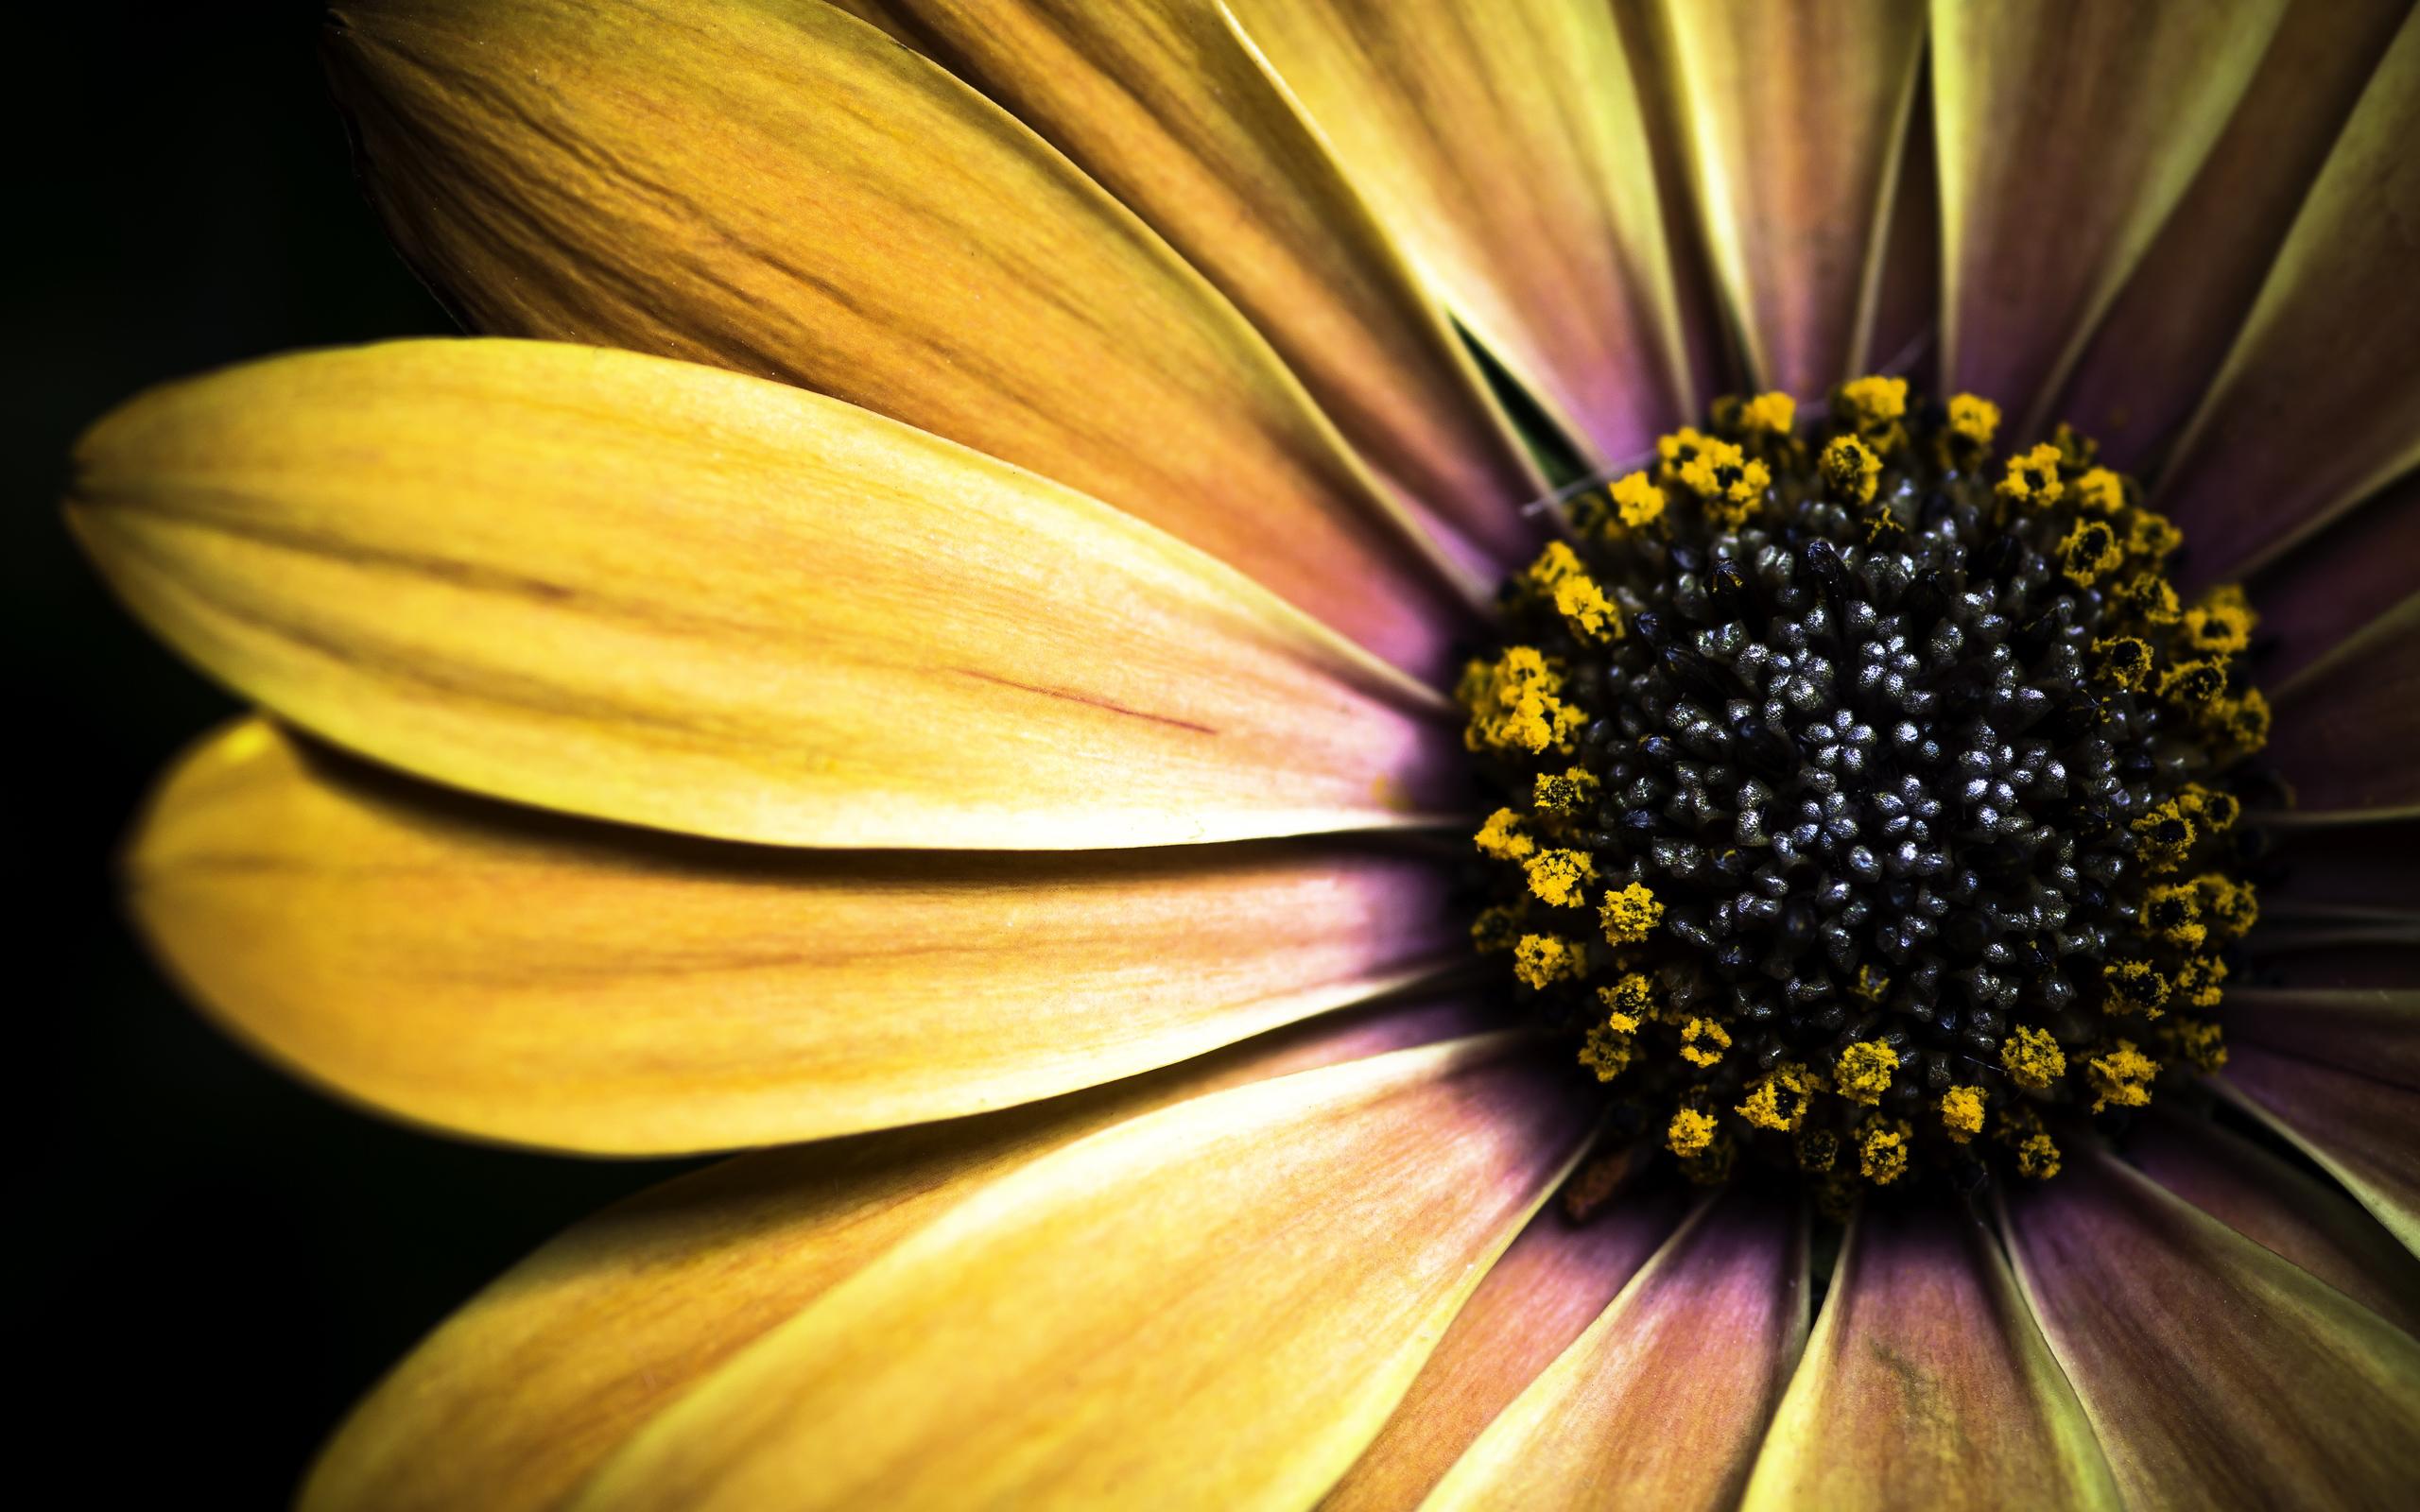 Golden shasta daisy